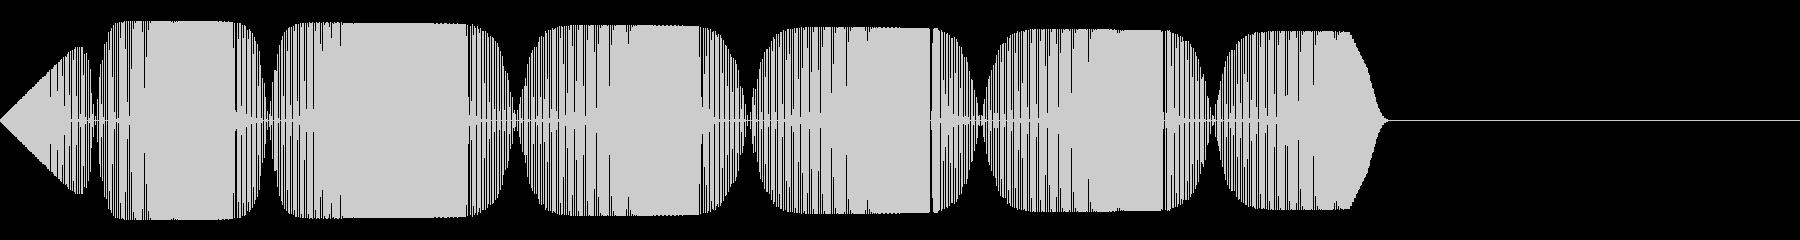 ピロリロリ(警告アラート失敗ミスサイレンの未再生の波形